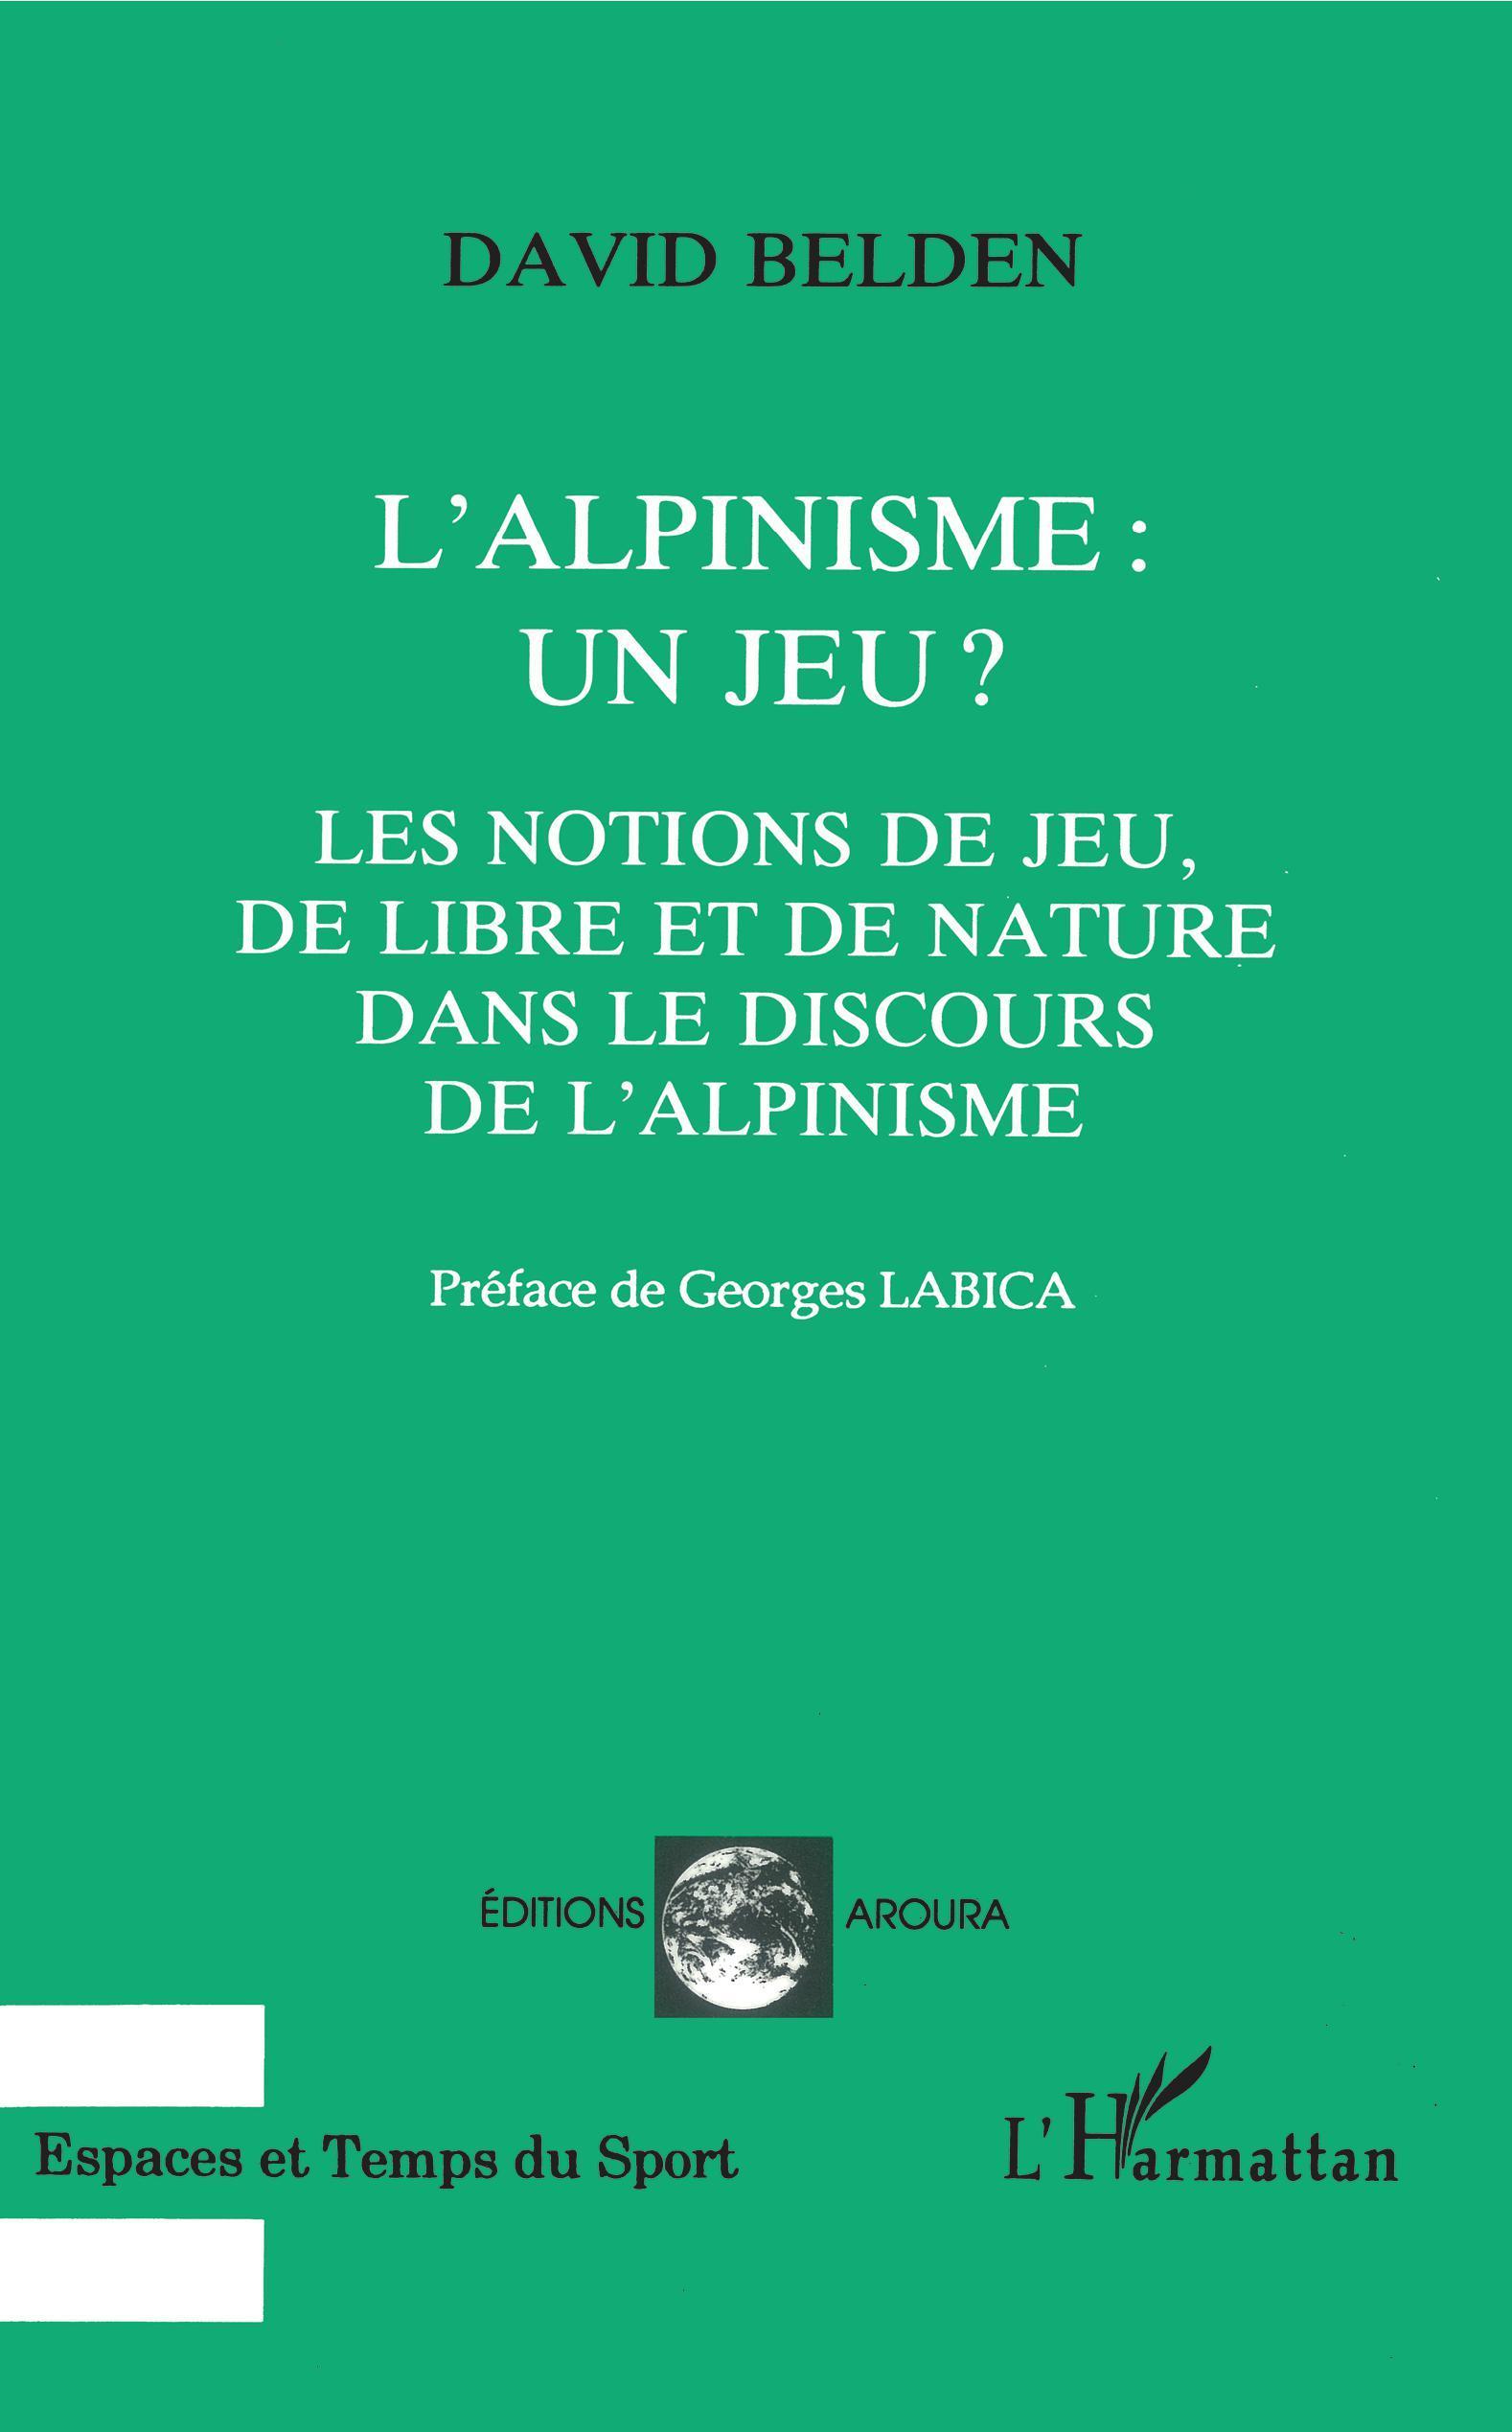 L'ALPINISME : UN JEU ? - LES NOTIONS DE JEU, DE LIBRE ET DE NATURE DANS LE DISCOURS DE L'ALPINISME